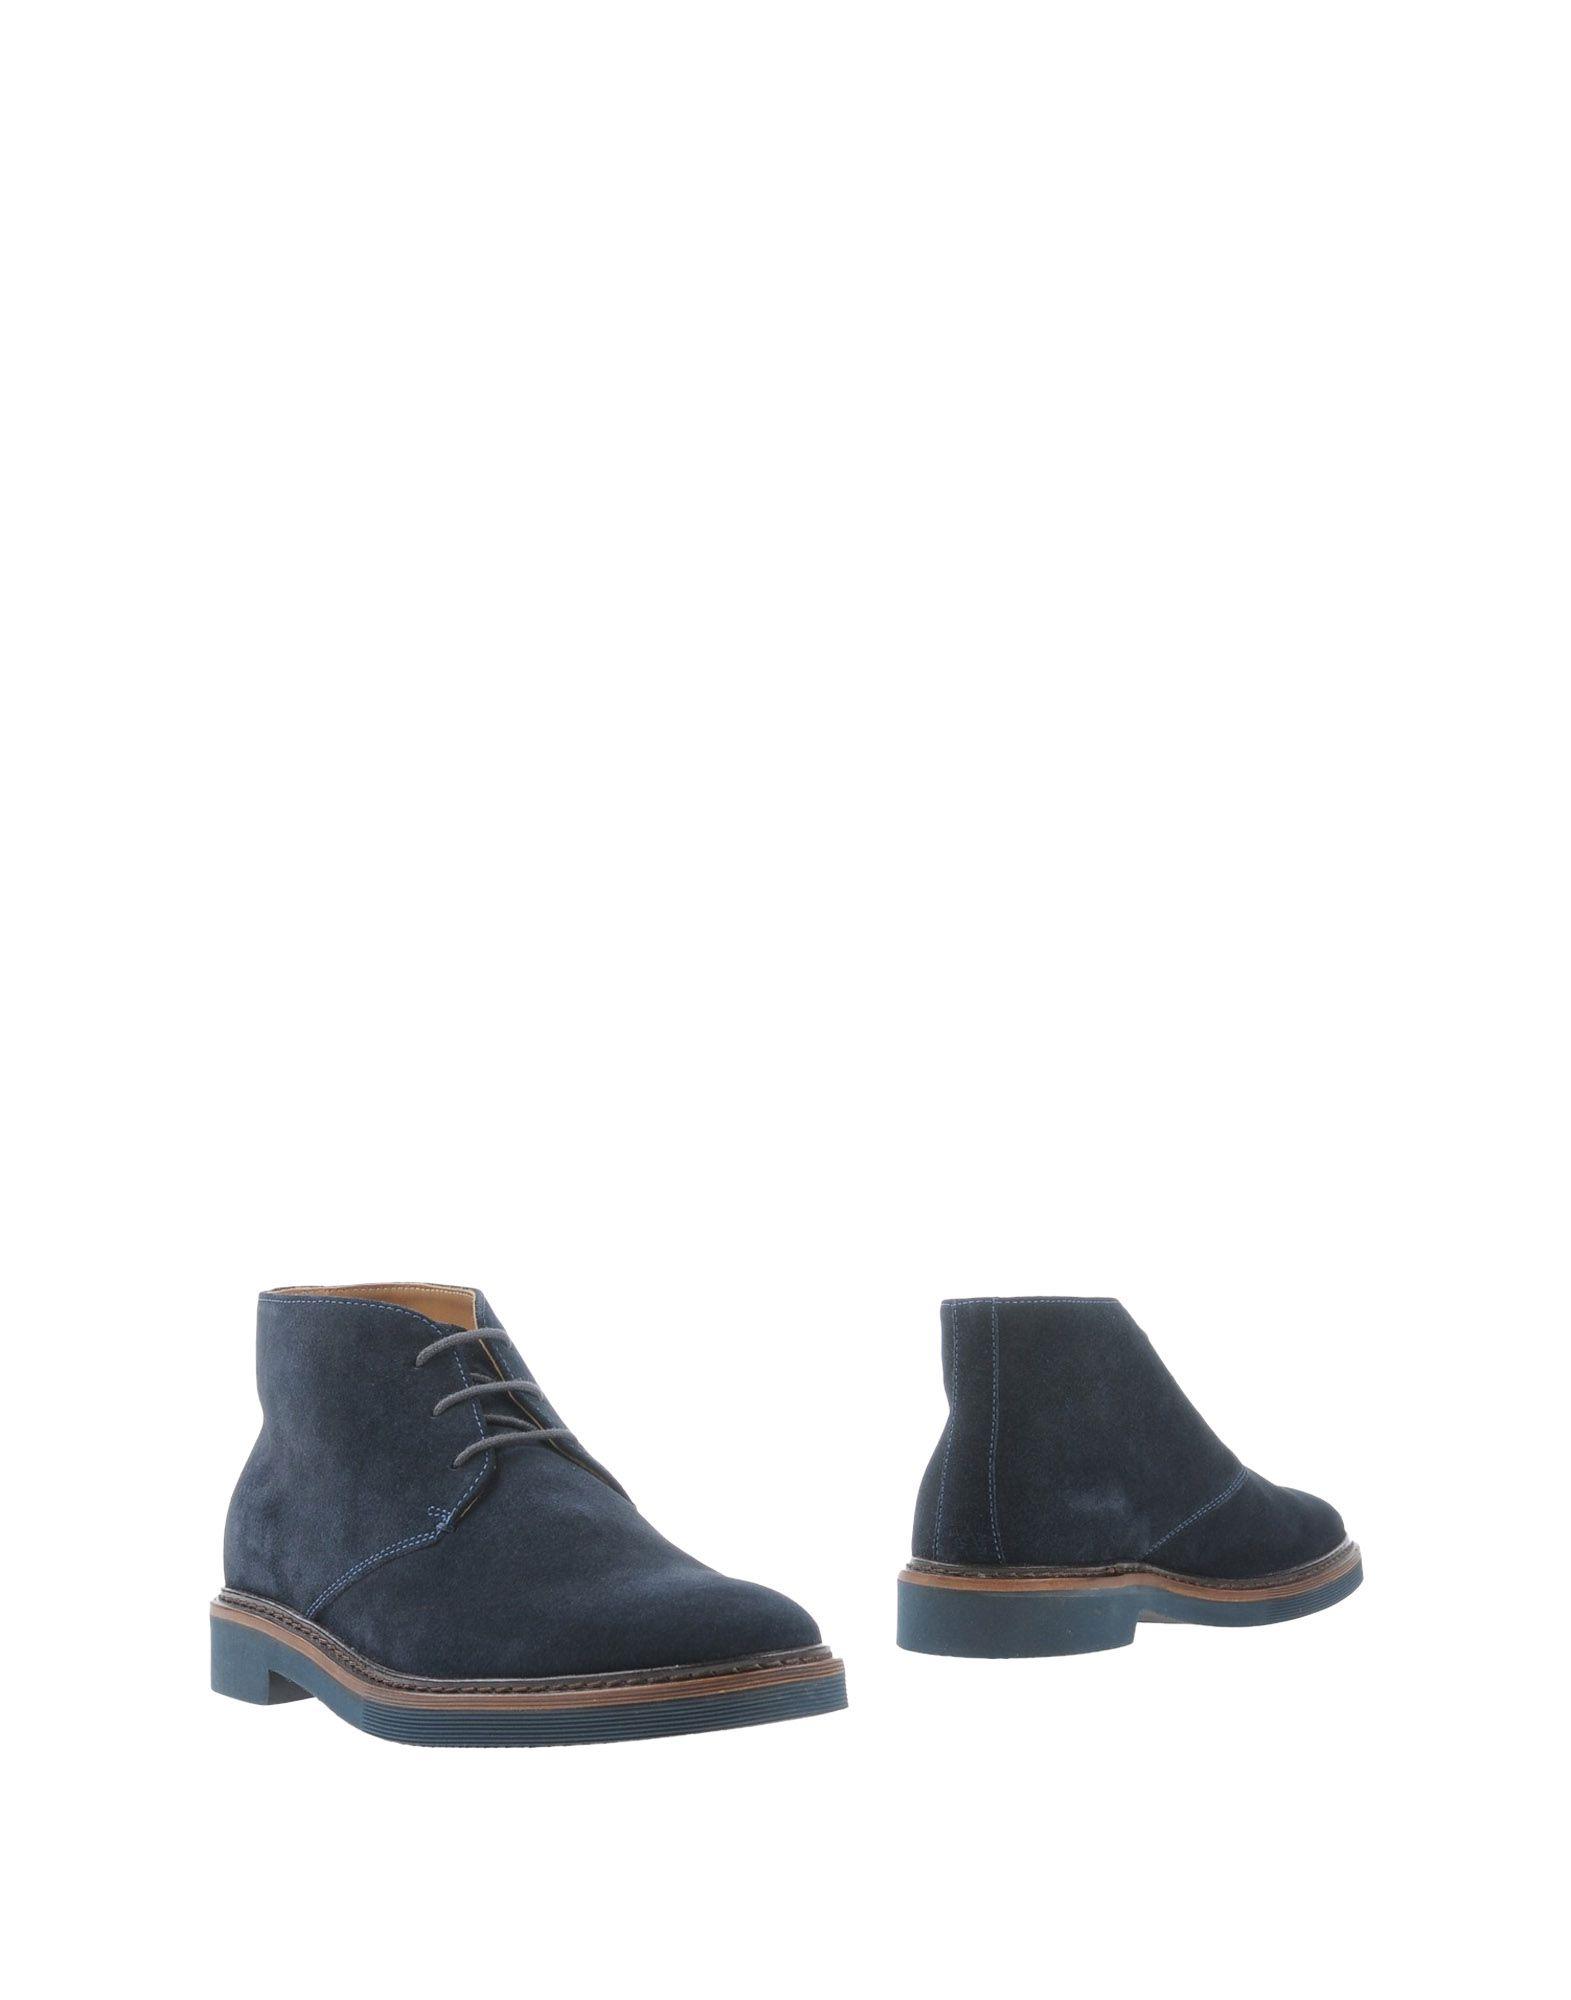 Rabatt echte Schuhe Geox Stiefelette Herren  11344461TS